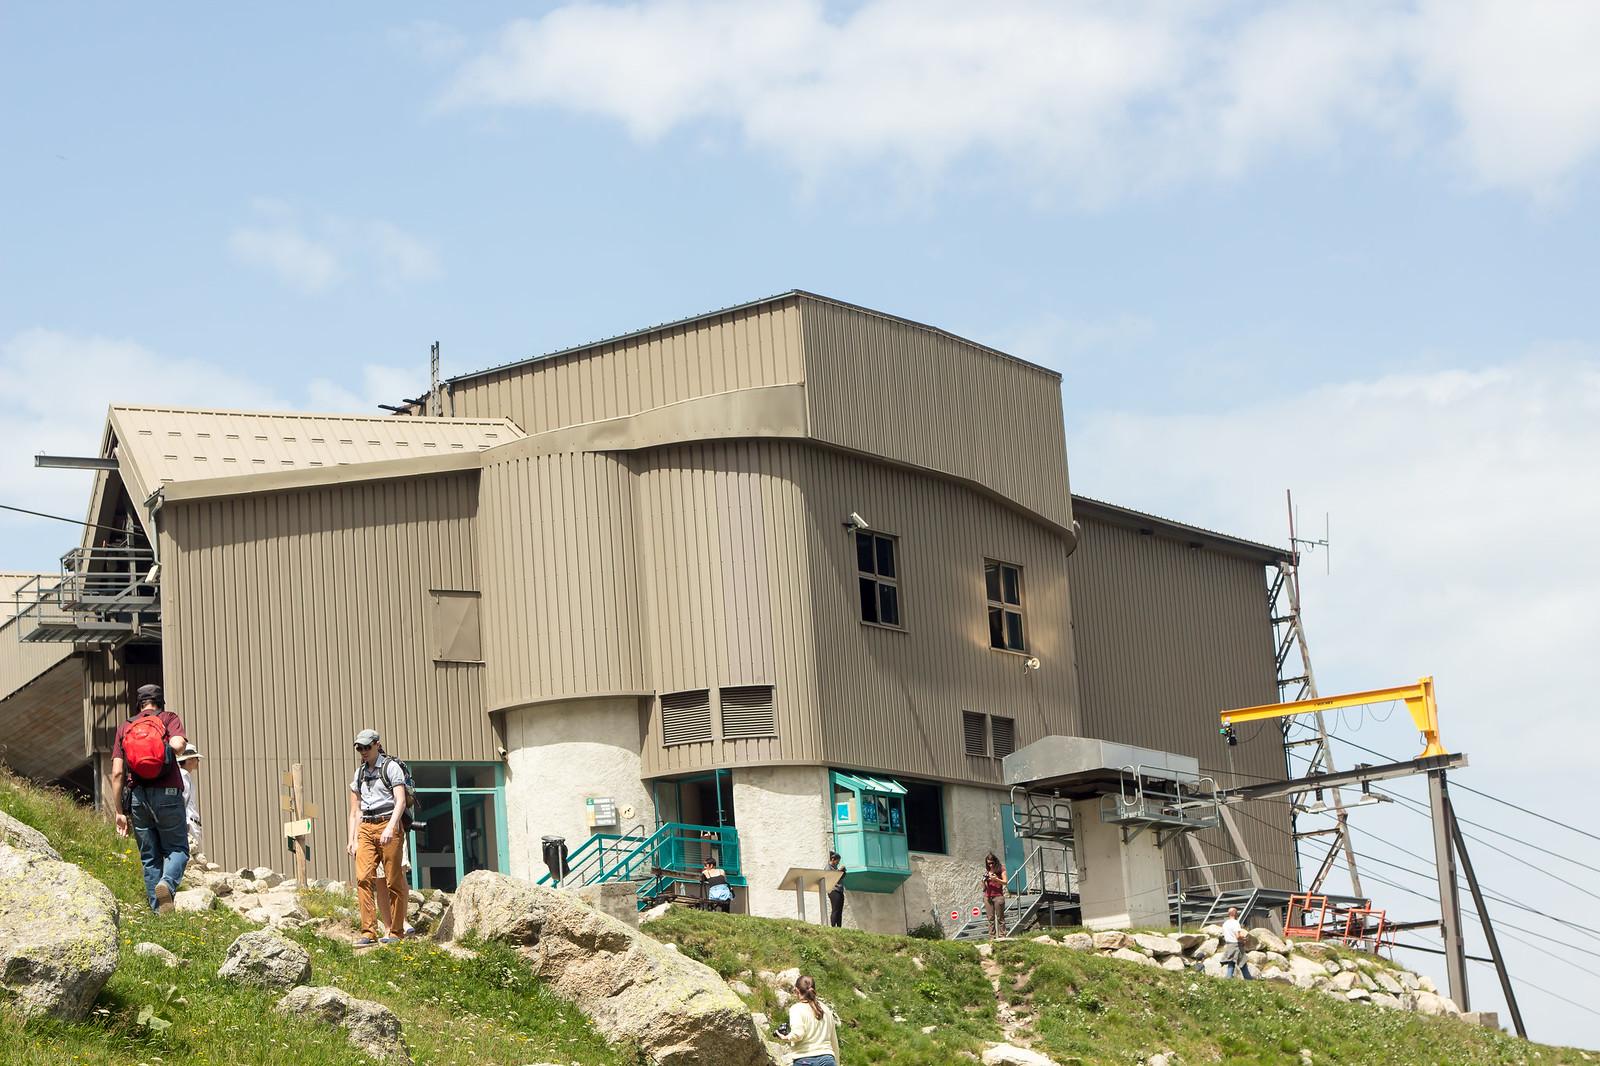 Шамони Мон-Блан - Вот так выглядит промежуточная станция. На ней можно выйти, погулять, покушать, уйти на многочисленные пешие маршруты по Альпам. Станция прям оправданно промежуточная - она средняя как по высоте, так и по температуре, давлению и ощущениям. Летом, на мой взгляд, там идеально!